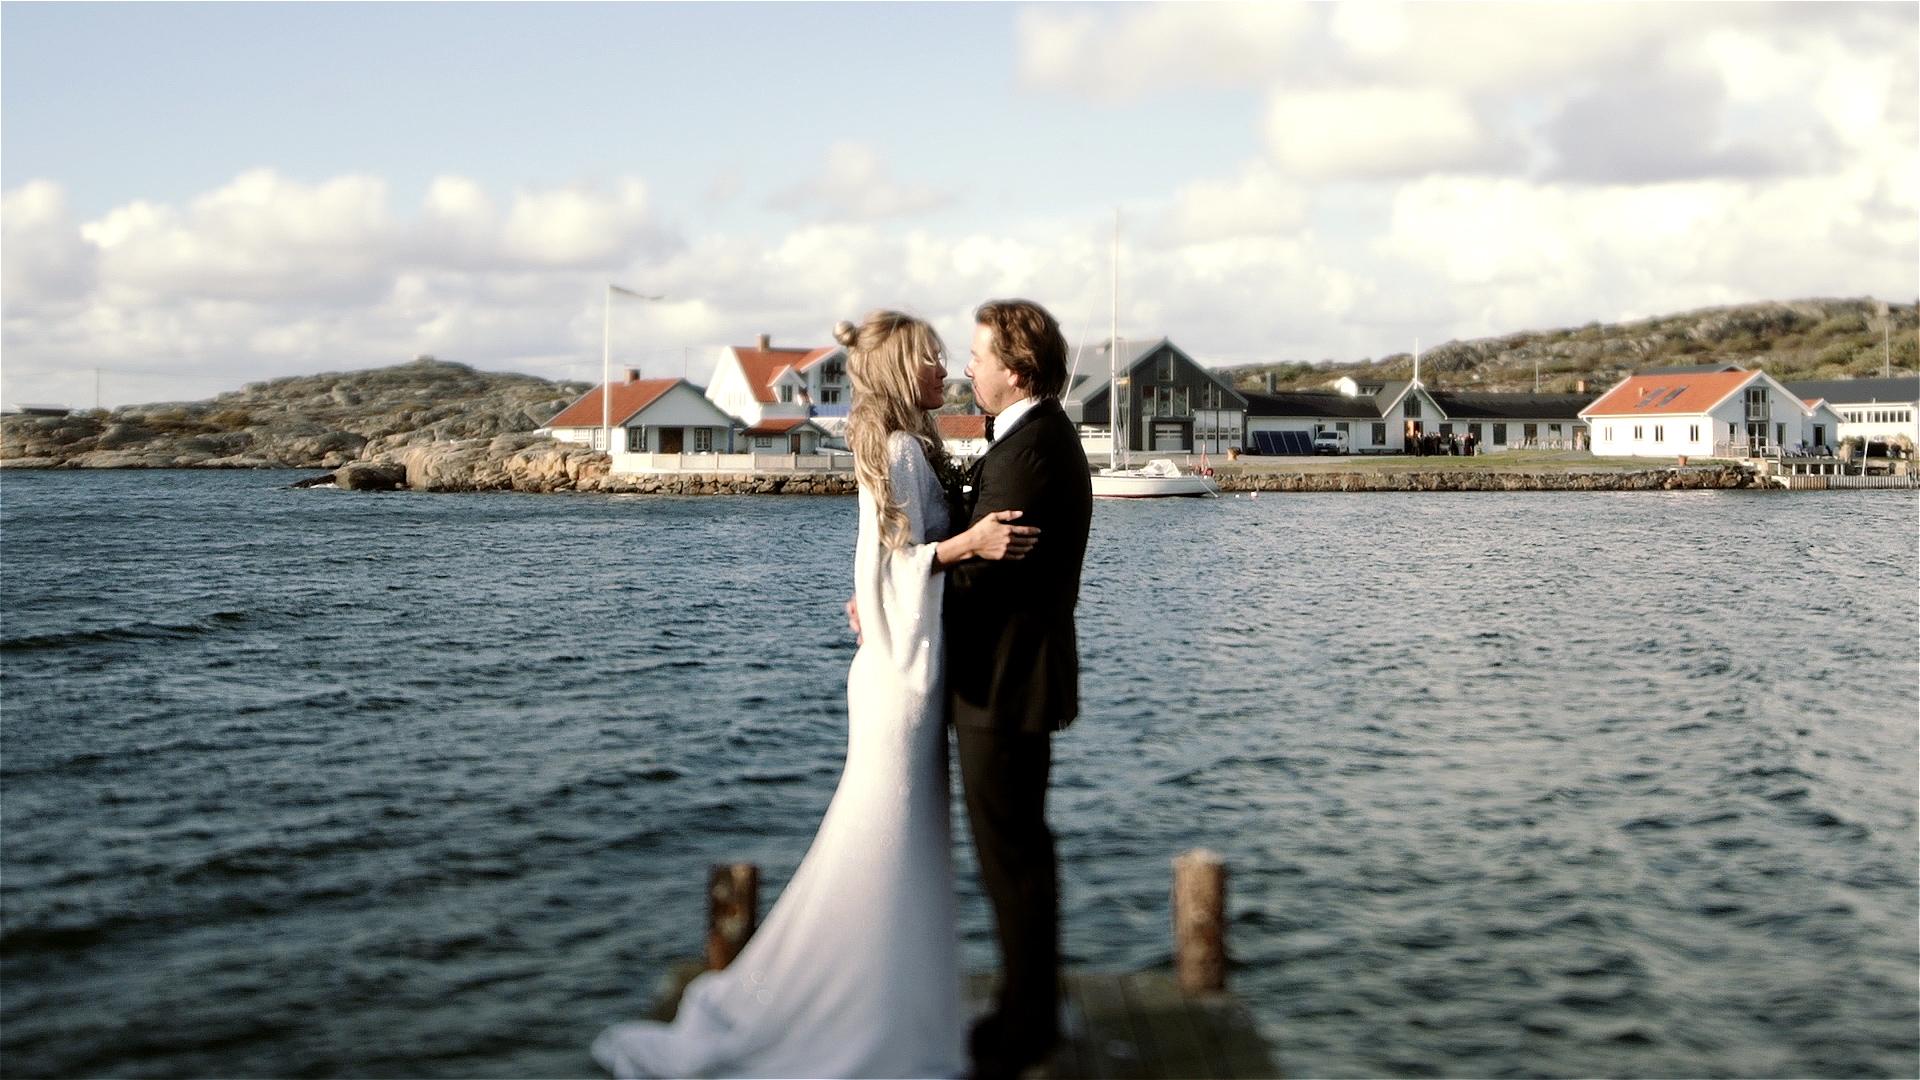 Emelie + Fredrik | Marstrand, Sweden | Sillsalteriet